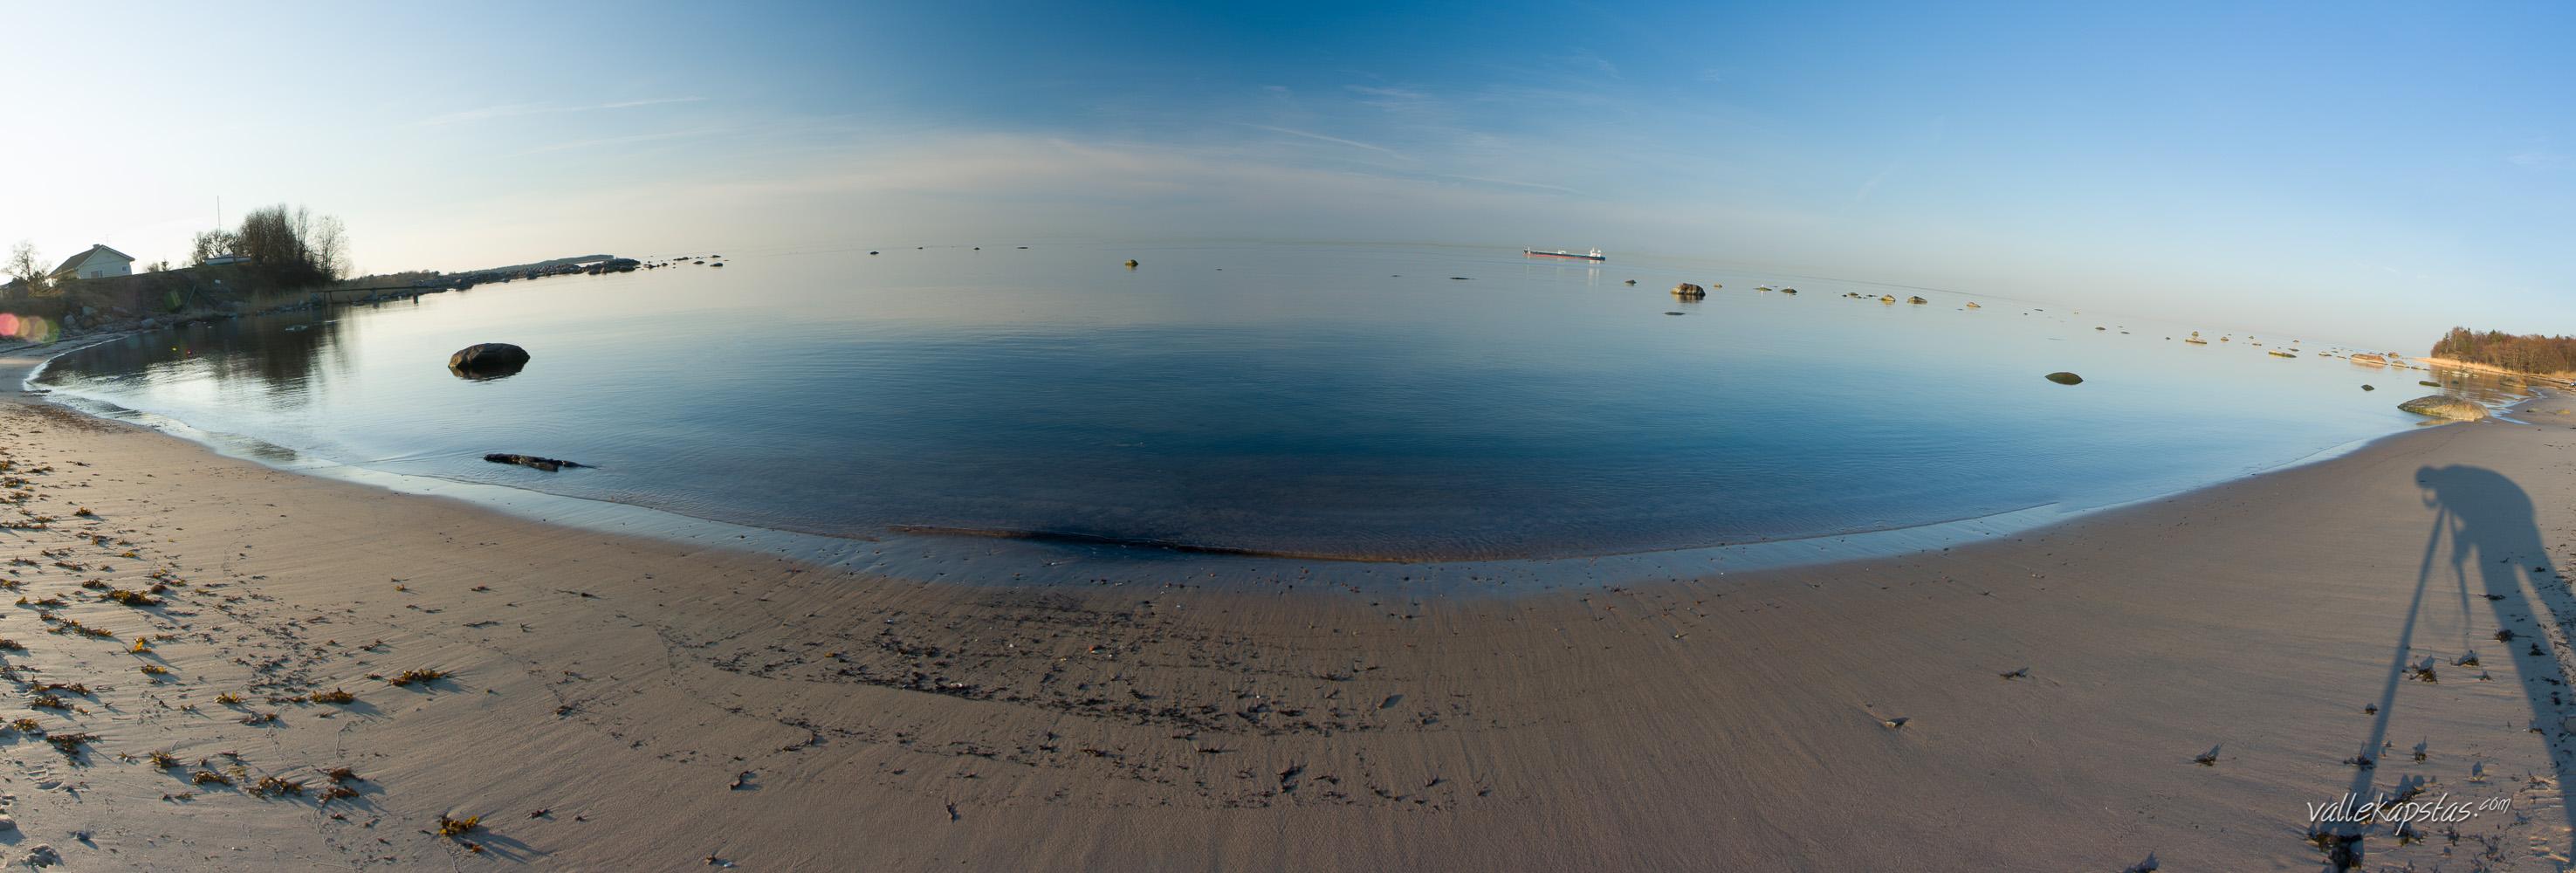 Shore & Selfie